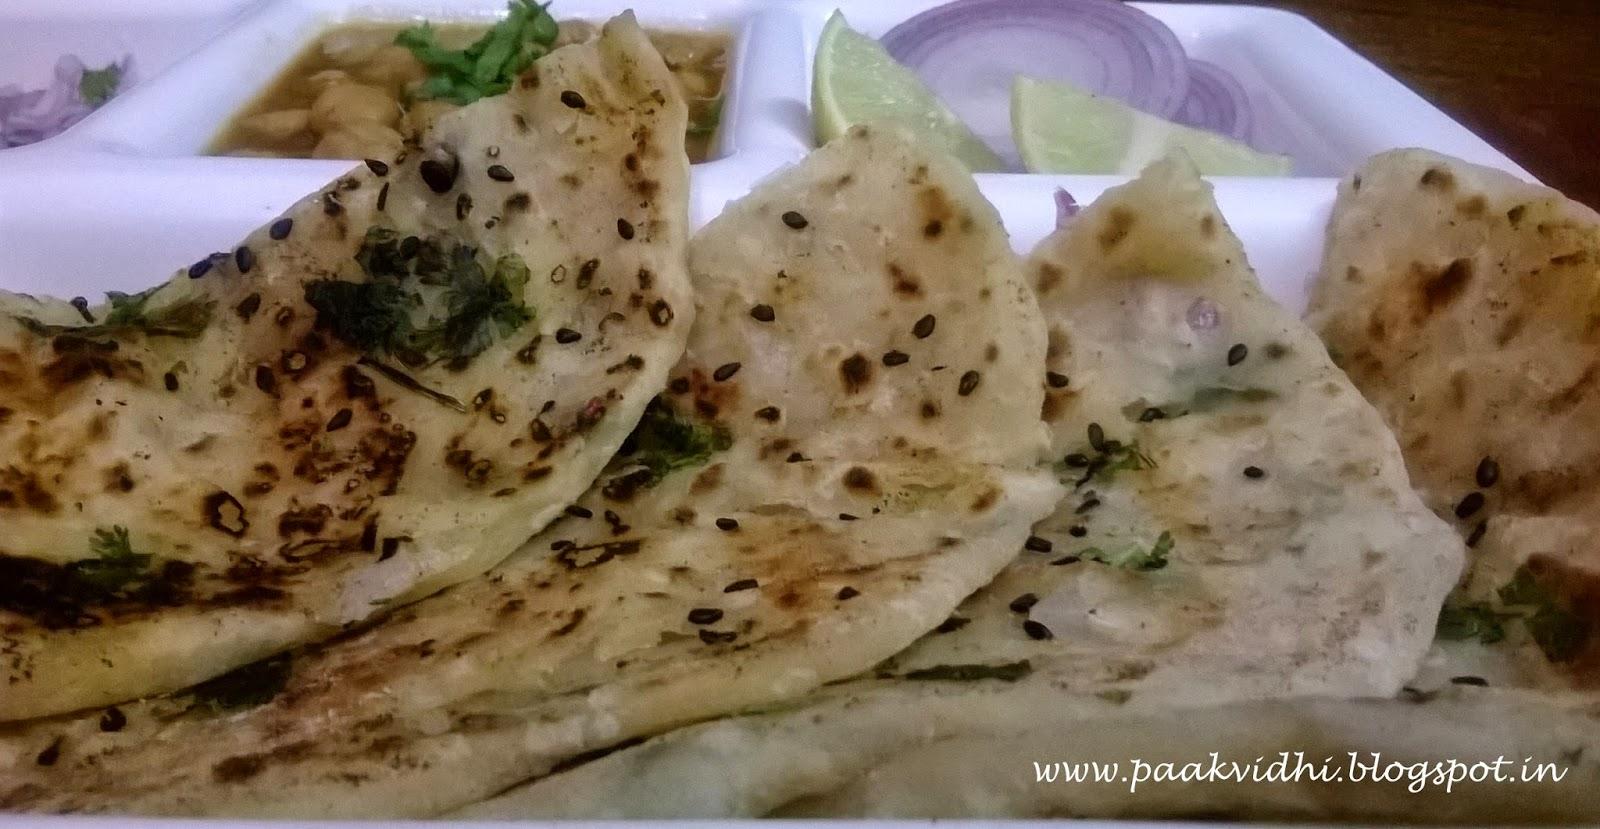 http://paakvidhi.blogspot.in/2014/05/onion-kulcha.html